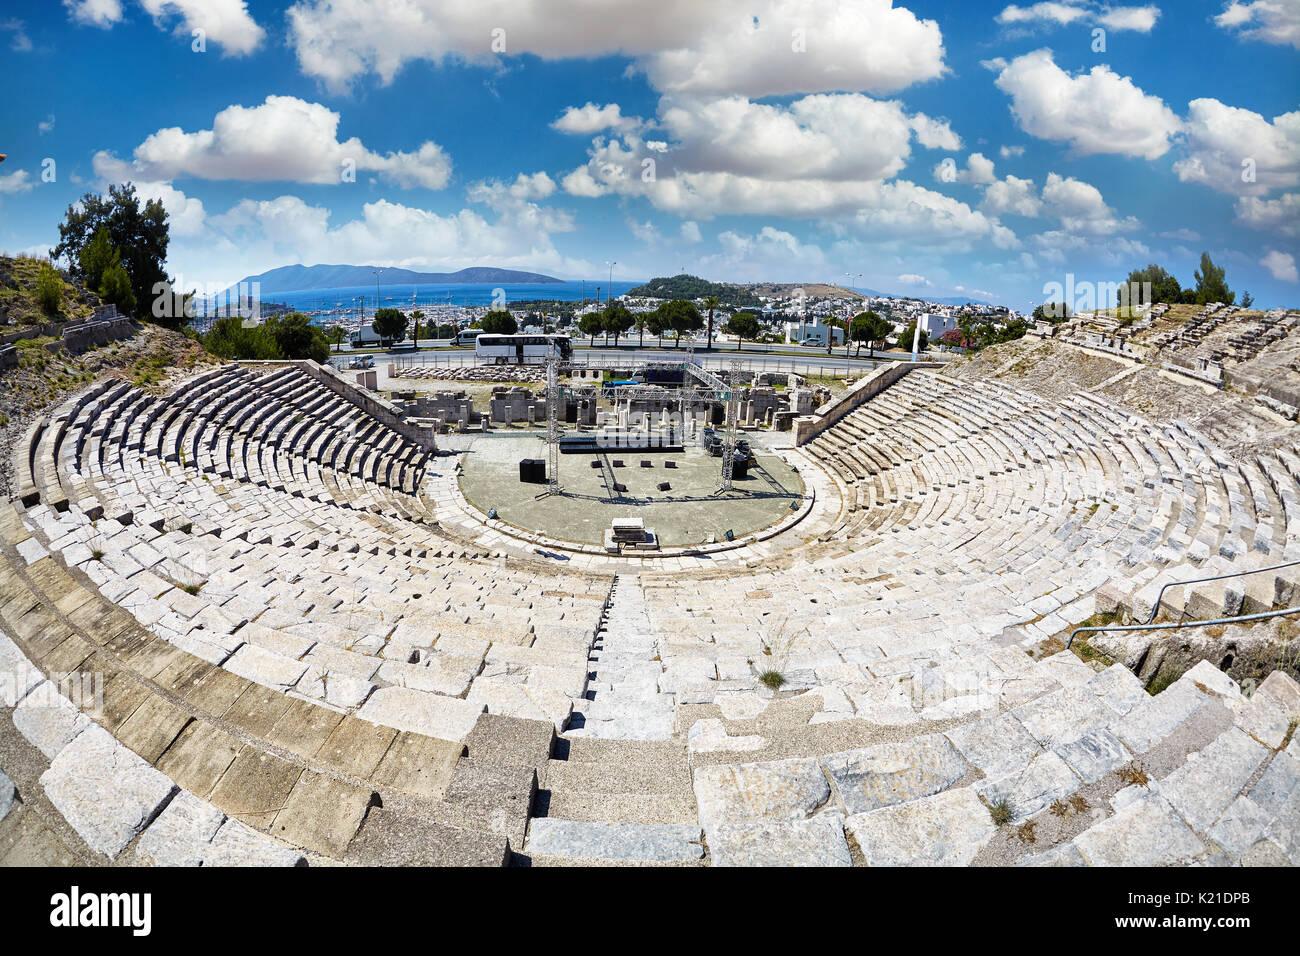 Ruinas de Bodrum teatro antiguo , halikarnassos antigua ciudad en Turquía Imagen De Stock